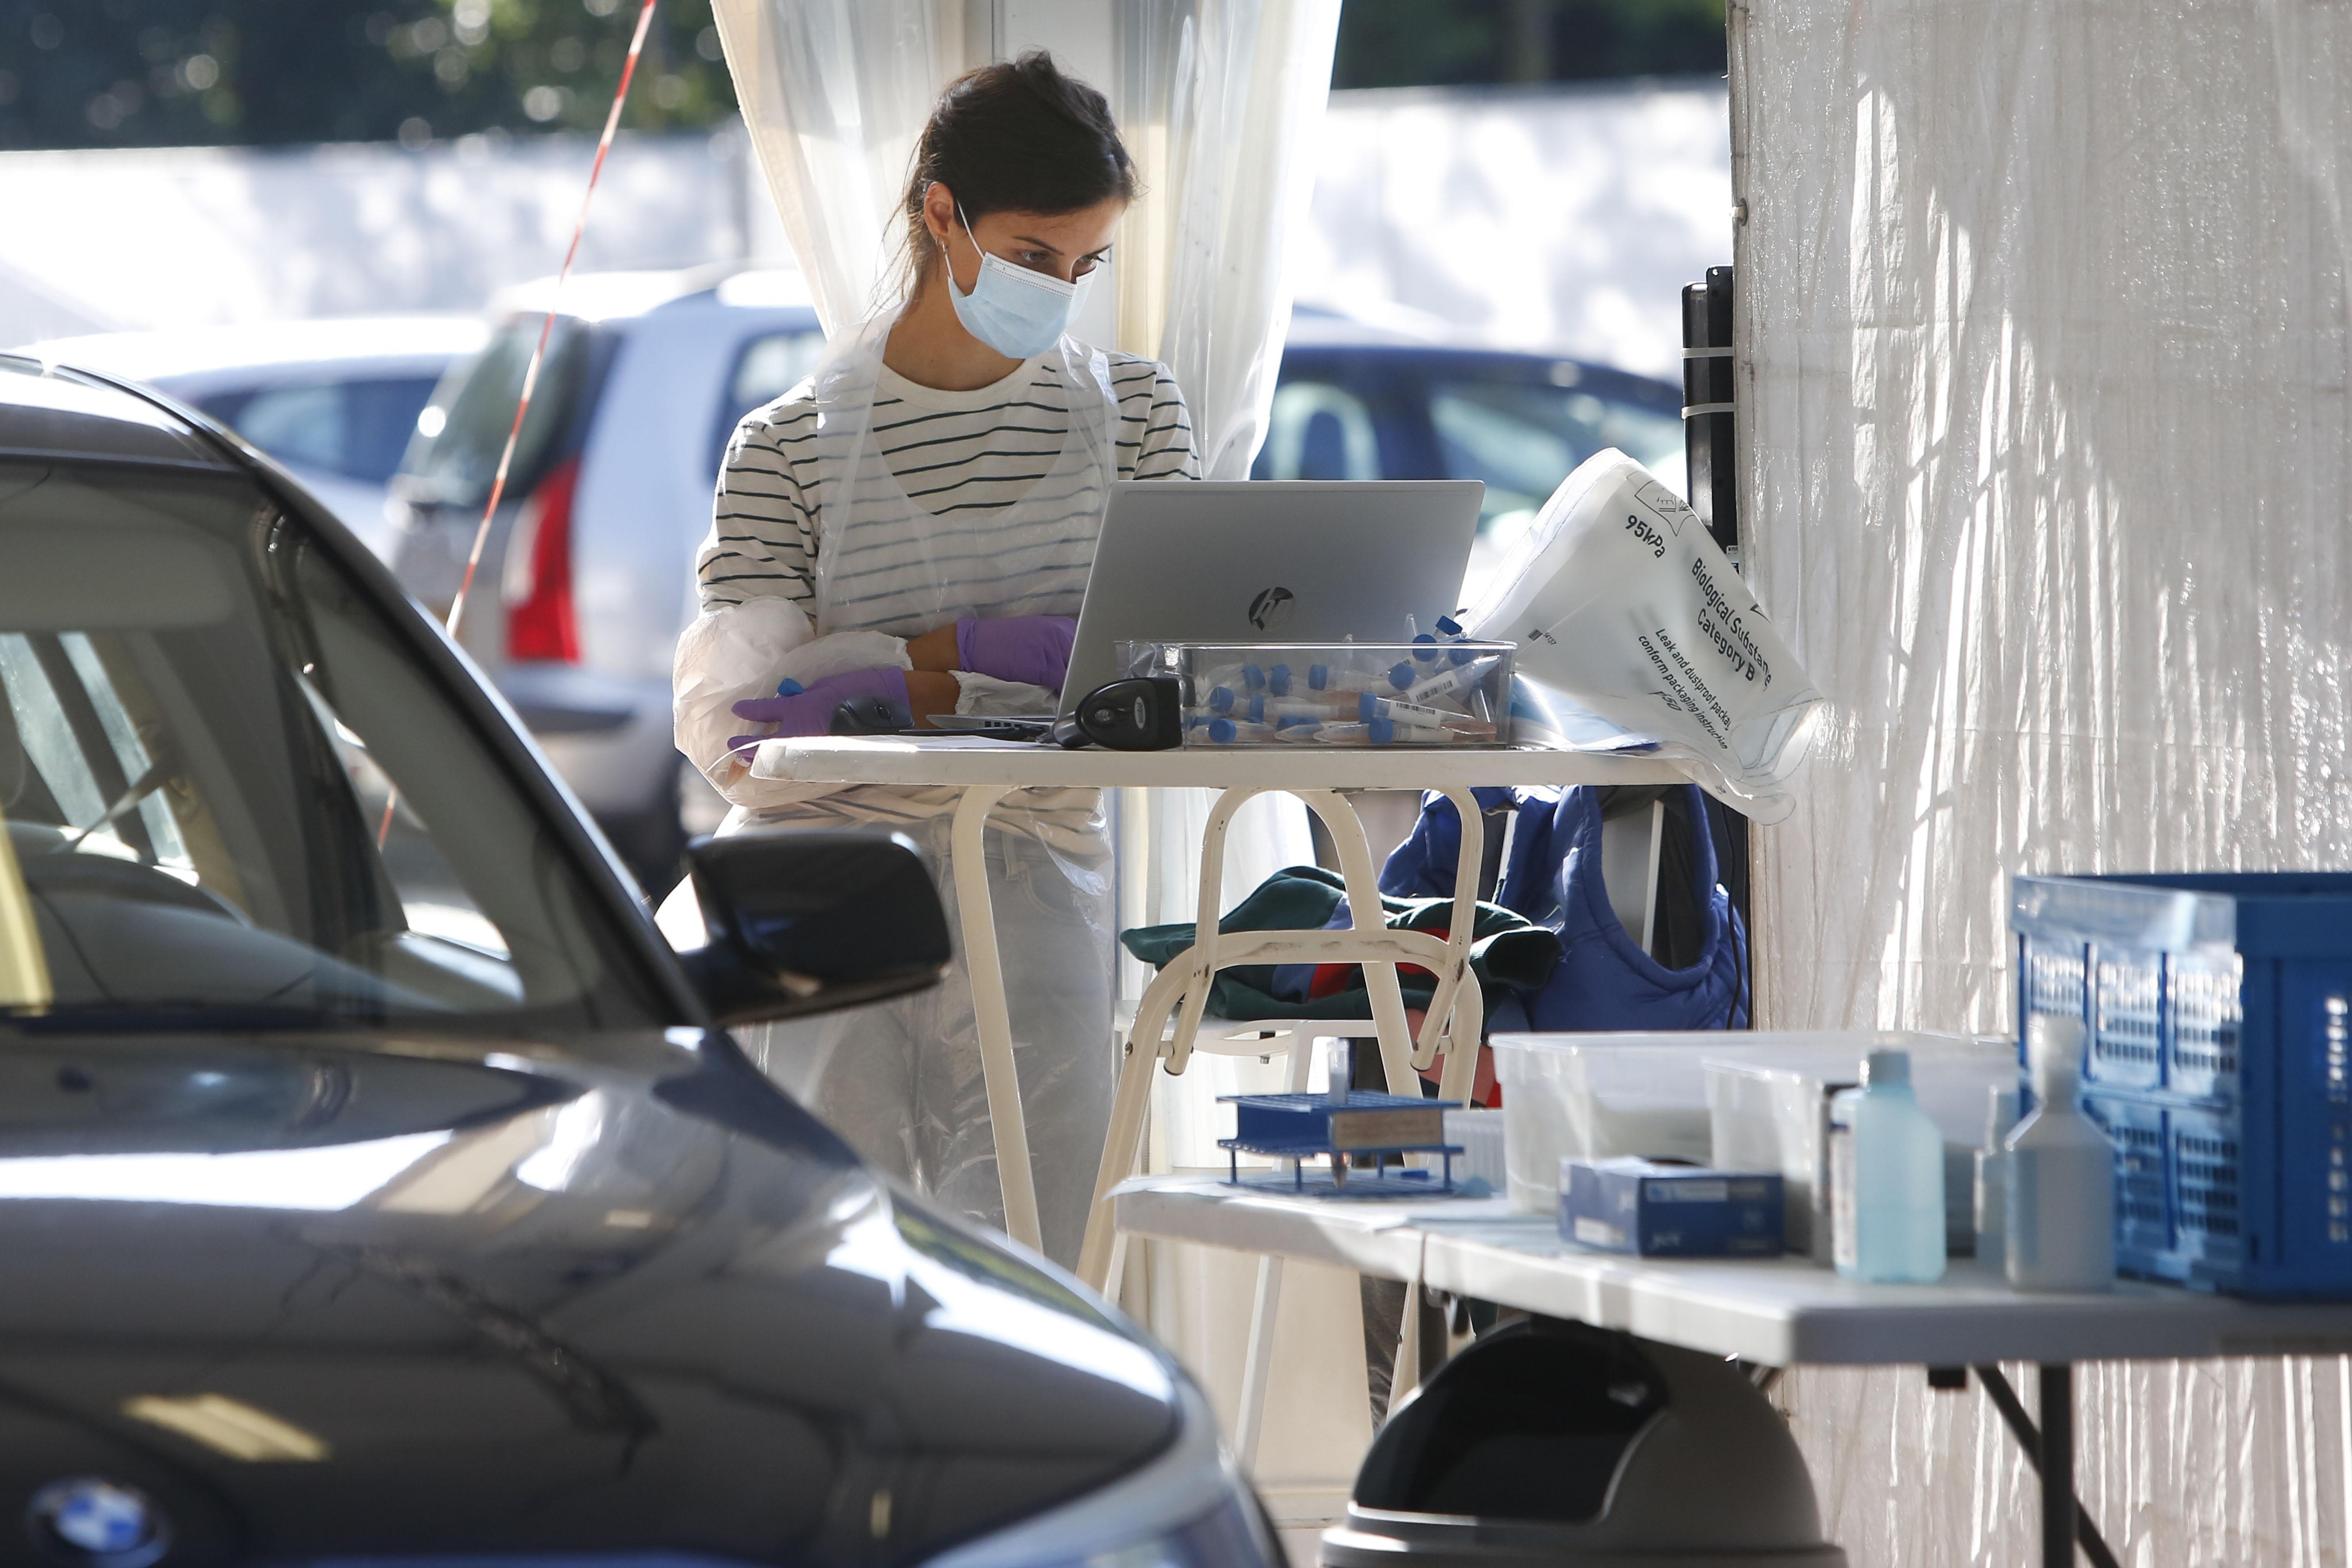 Mobiel coronatestteam gaat inwoners thuis testen in Gooi en Vechtstreek; Thuiszorg schiet GGD en huisartsen te hulp. Wachttijd voor teststraat in Bussum loopt ondertussen op tot 72 uur